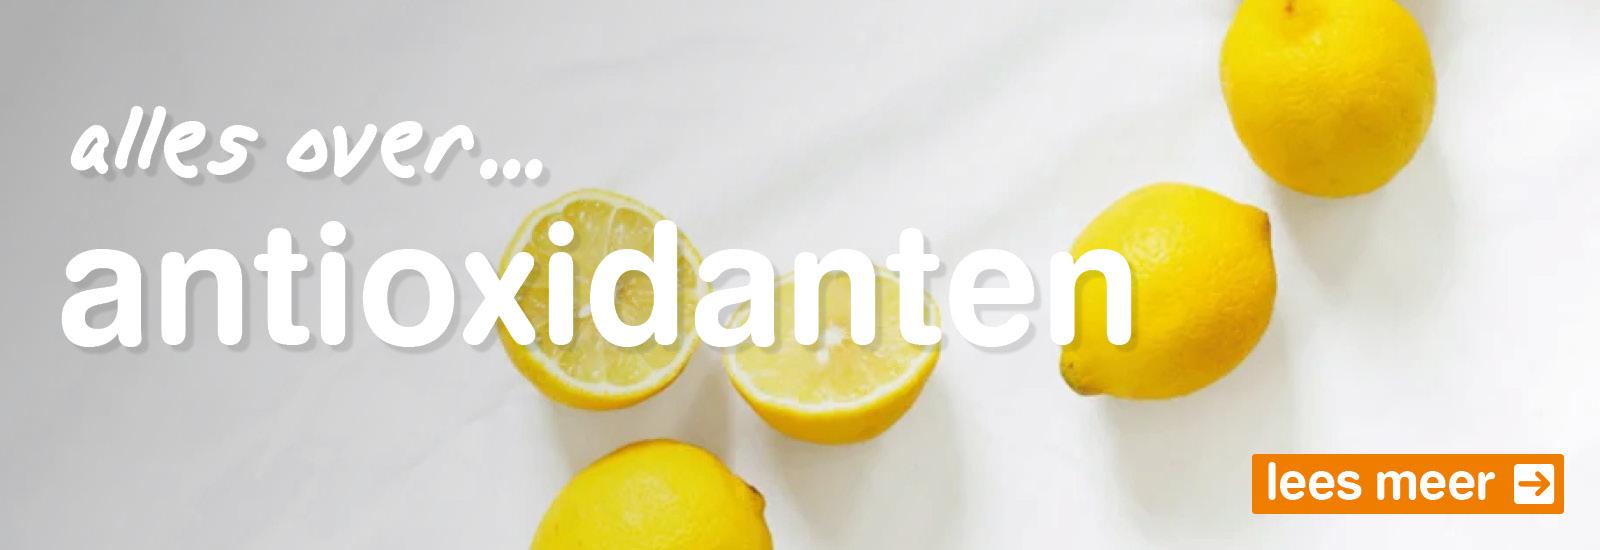 blog-alles-over-antioxidanten